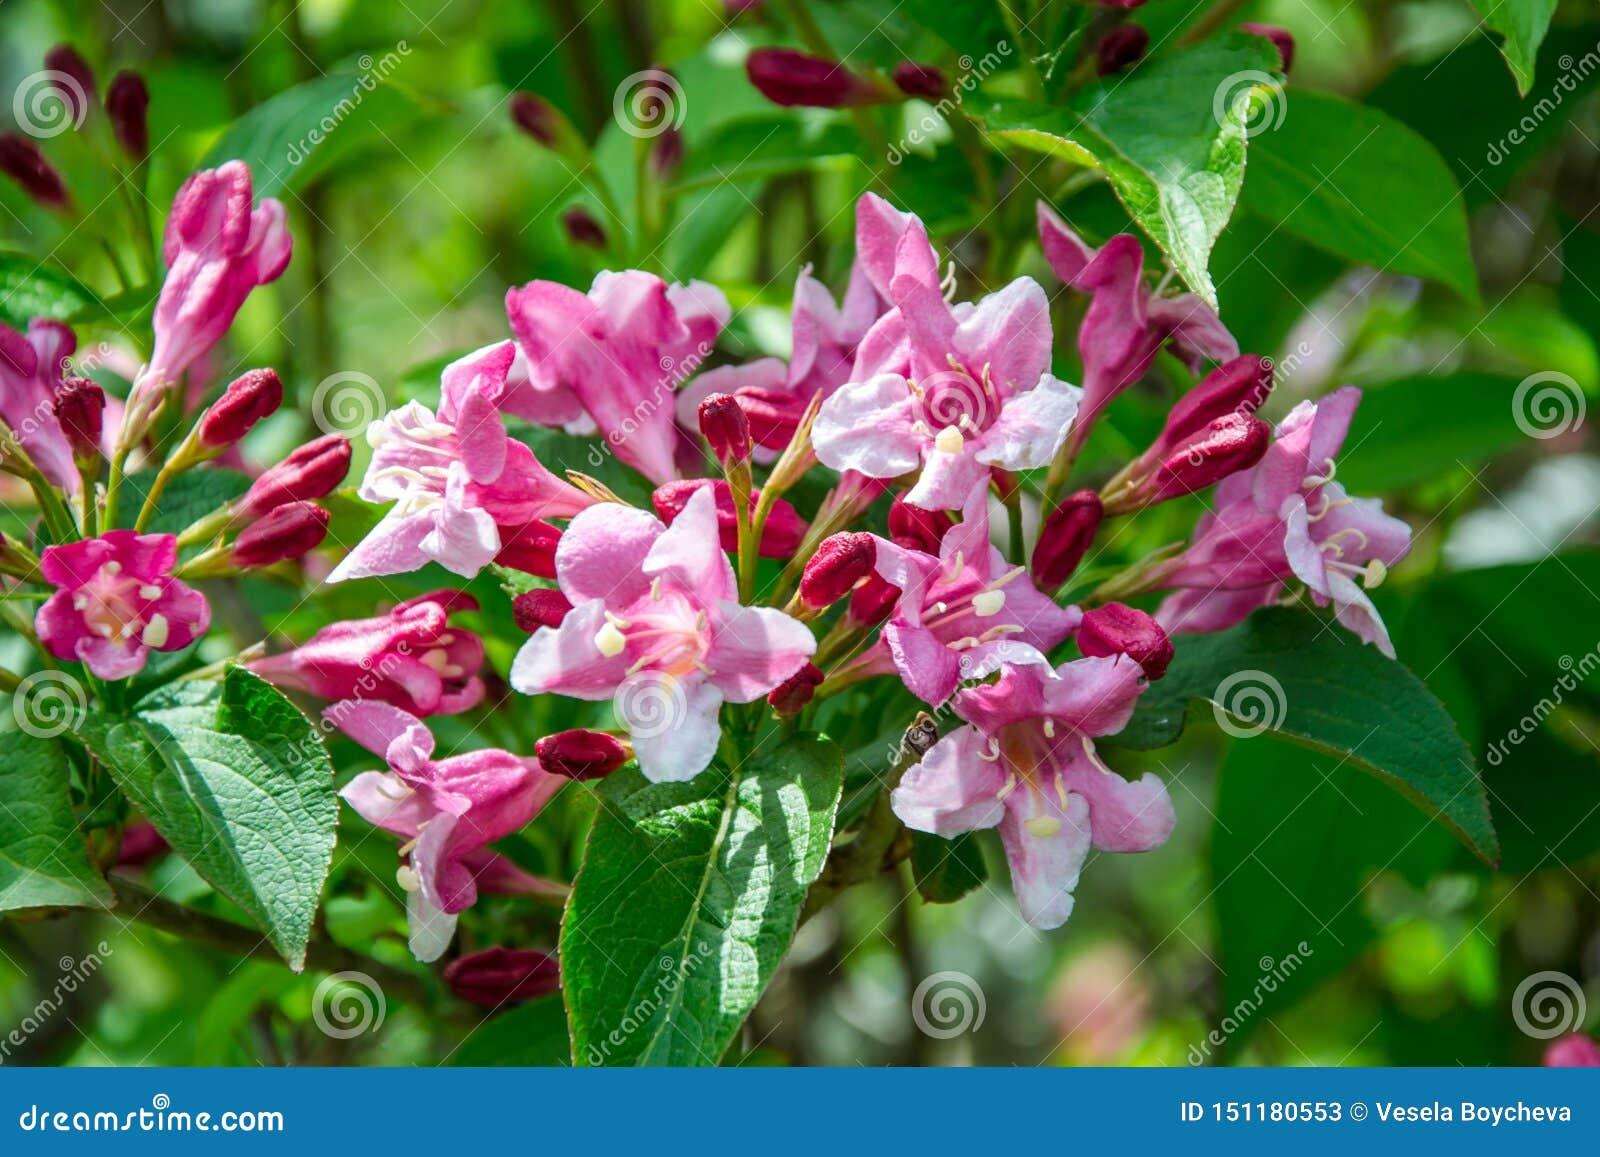 El primer del embudo de Rosea del Weigela formó la flor rosada, las pequeñas flores completamente abiertas y cerradas con las hoj